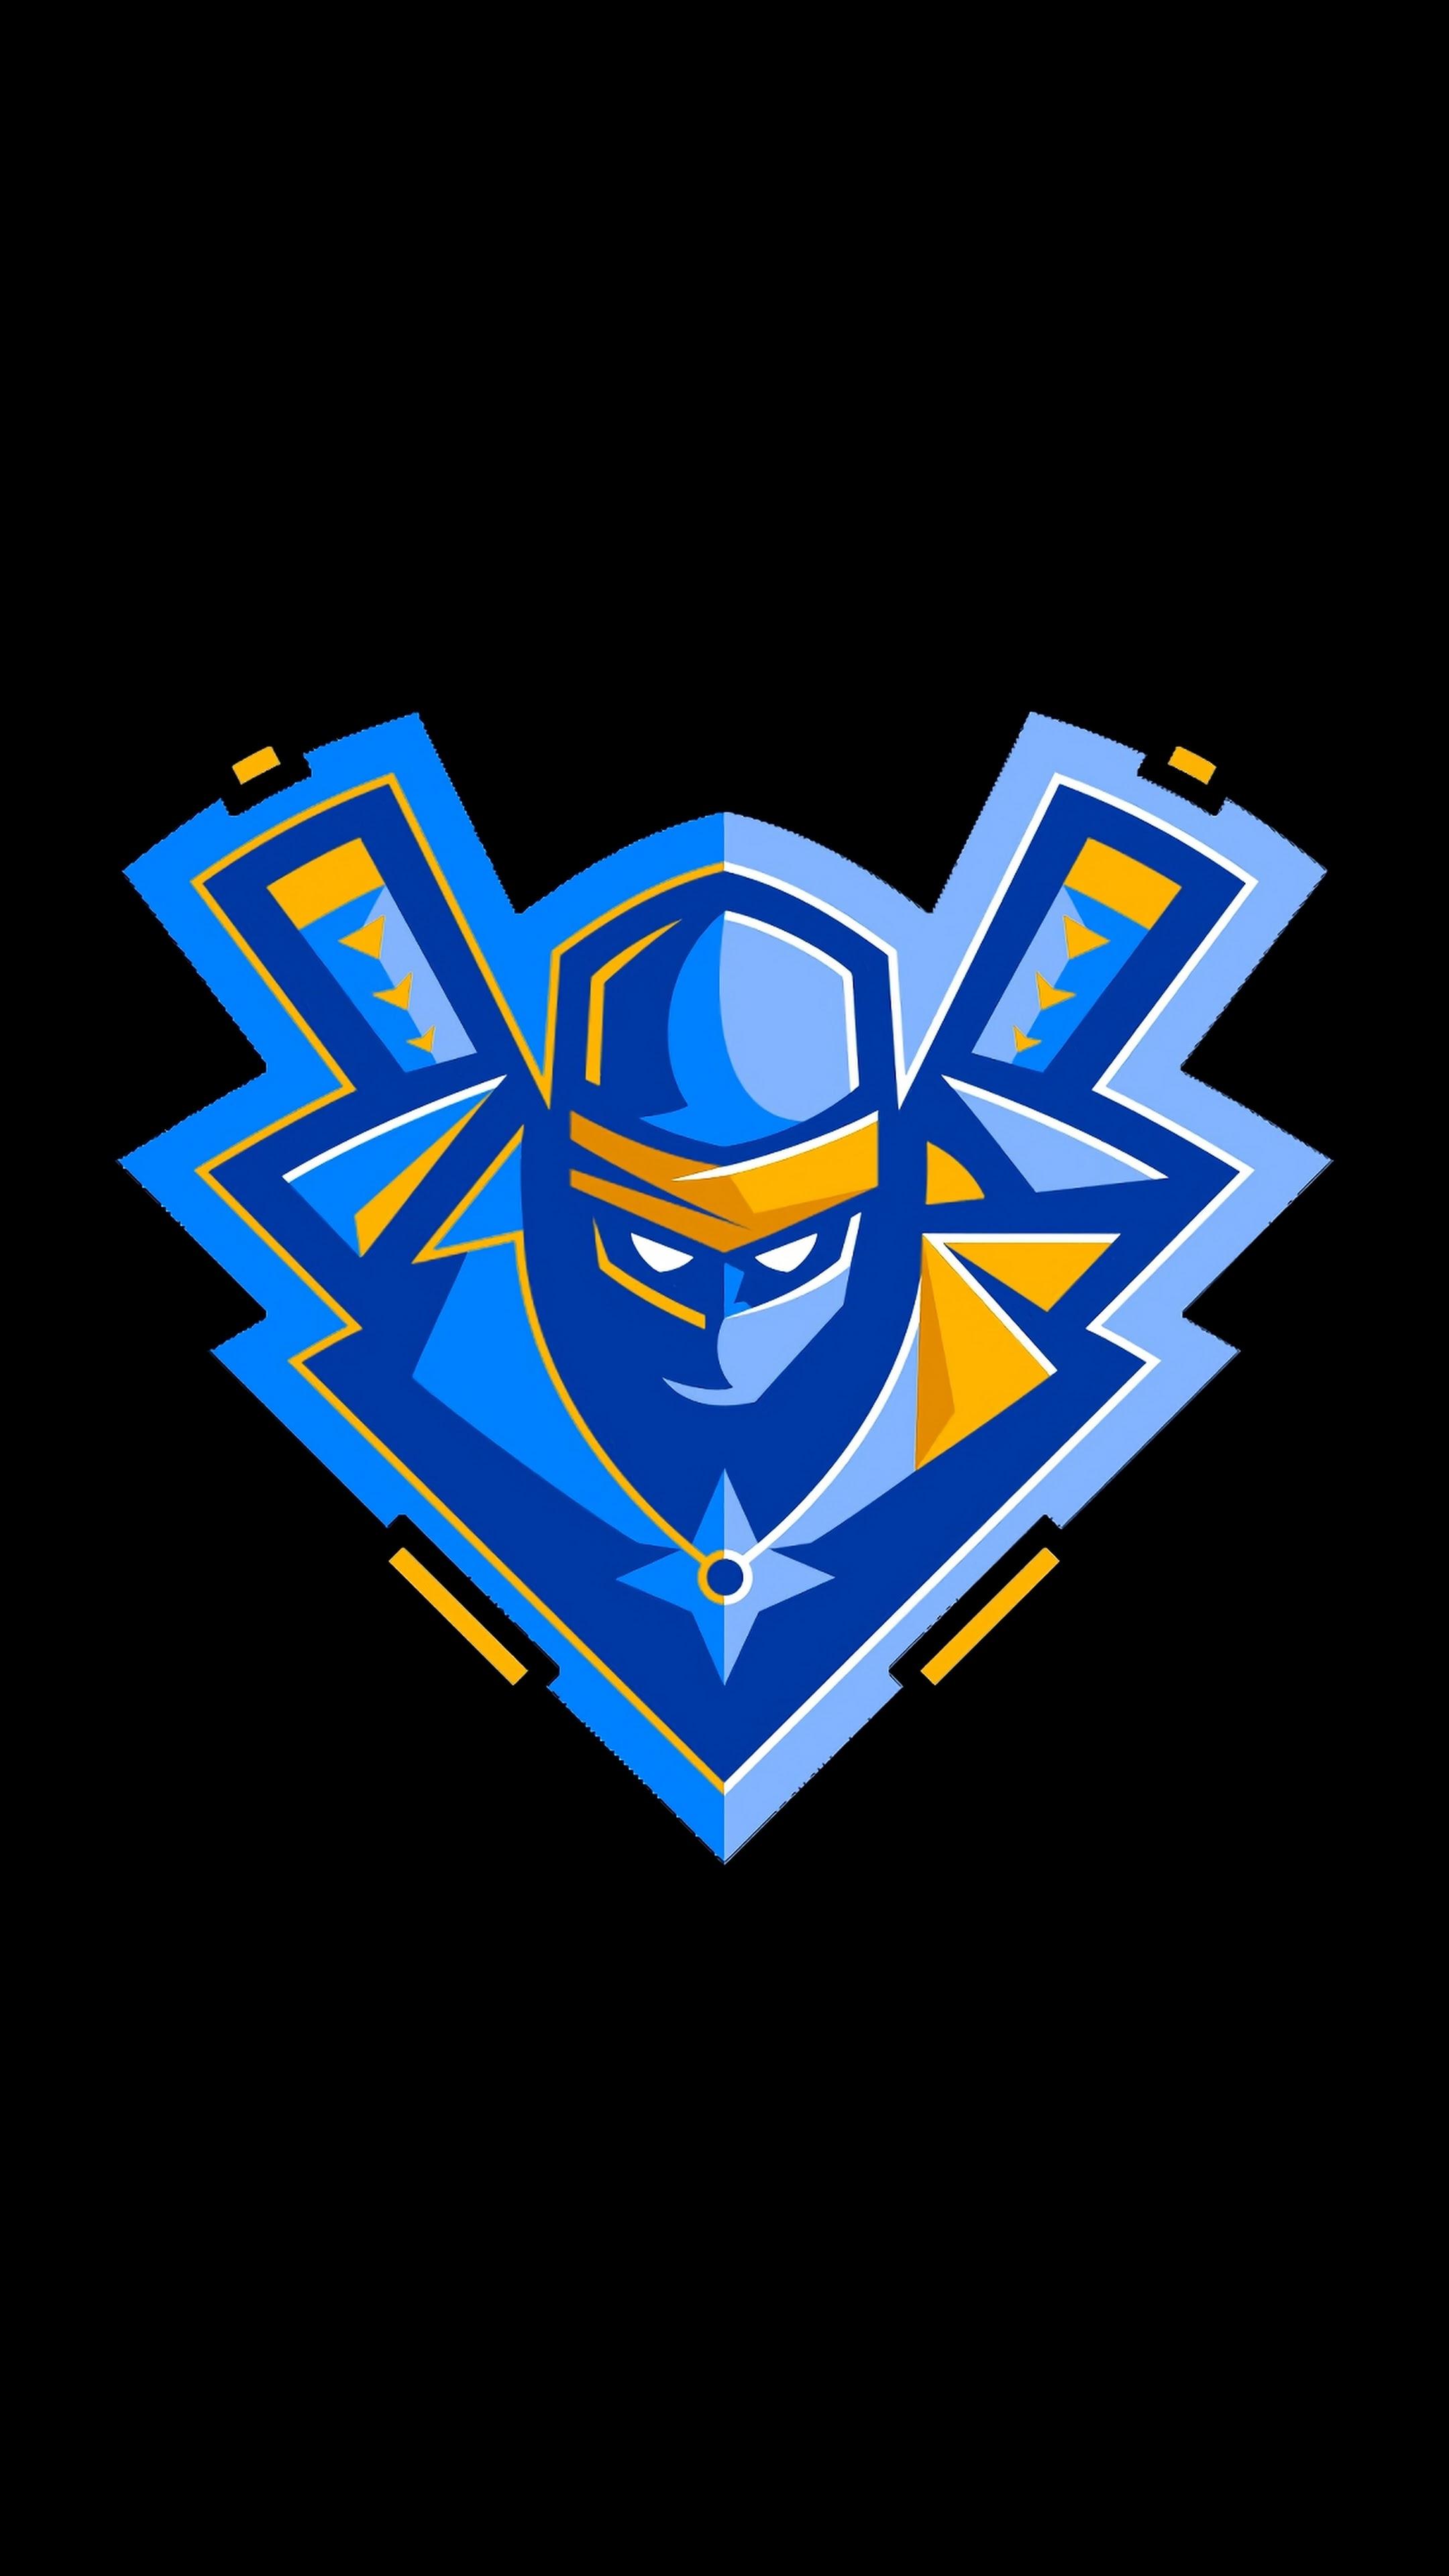 Ninja Logo Fortnite Battle Royale 4k Wallpaper 65